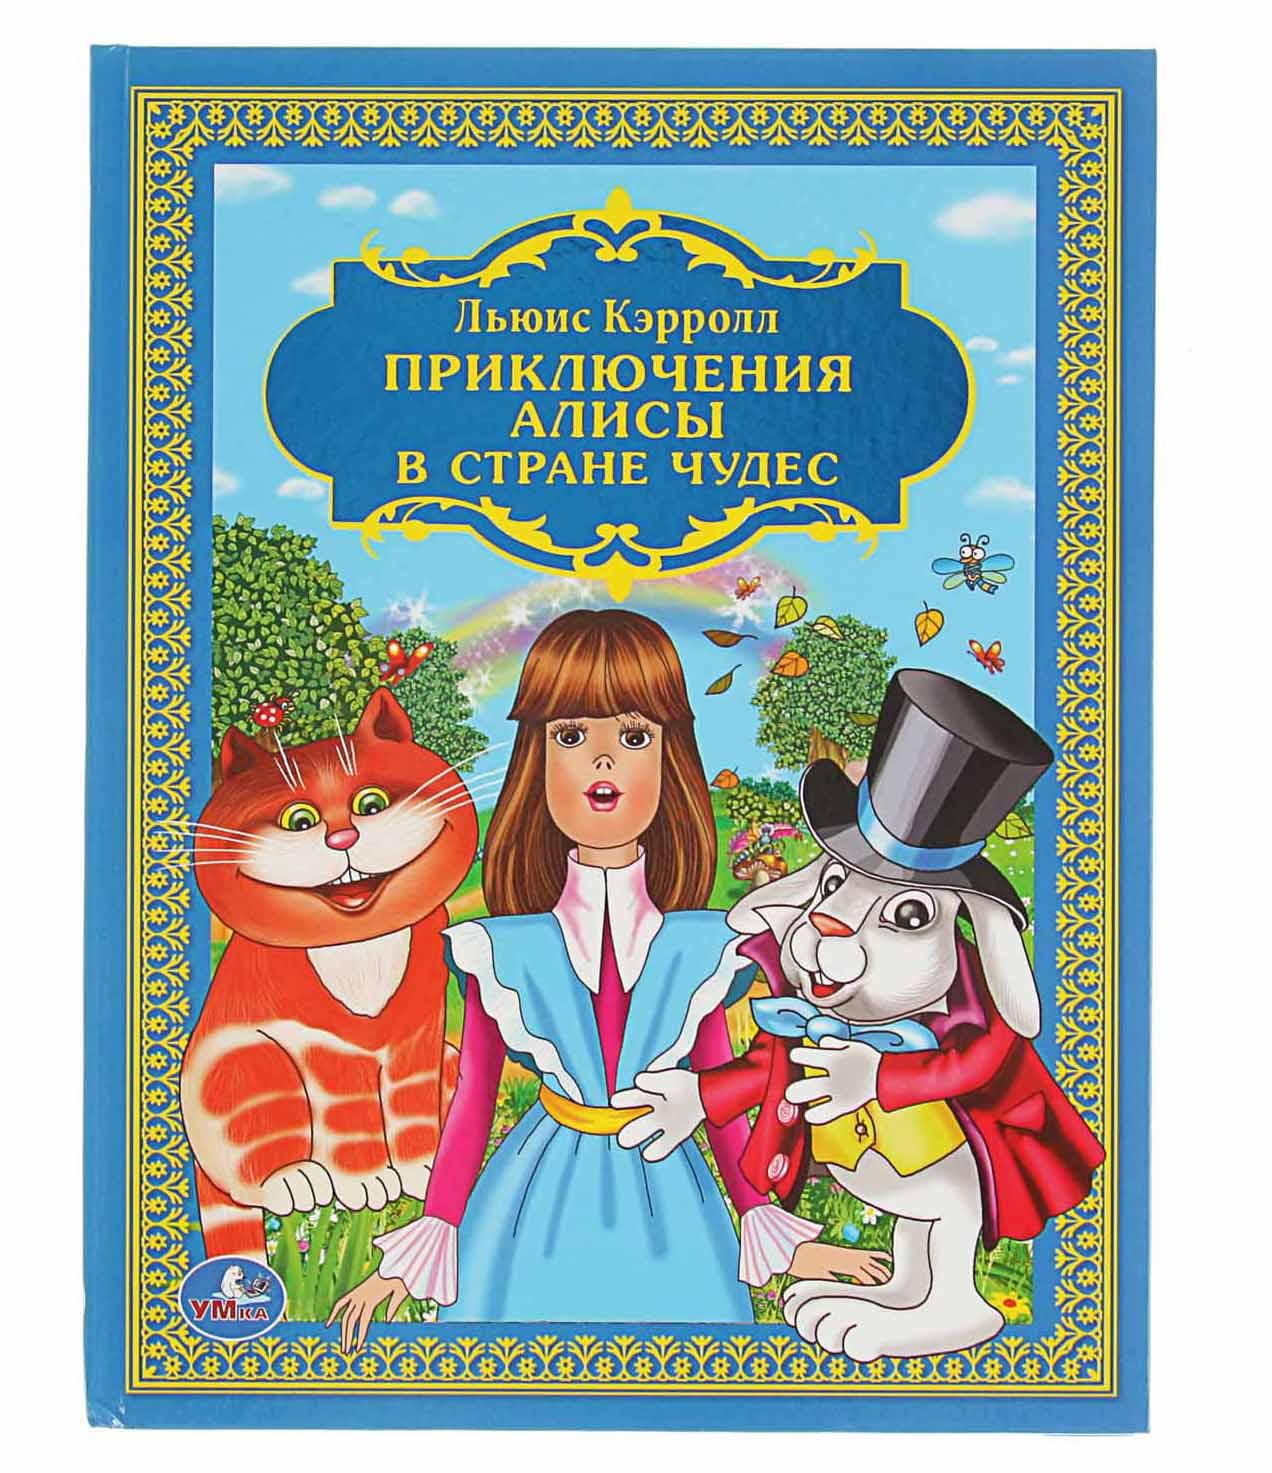 Книга из серии Детская библиотека – Приключения Алисы в Стране чудес